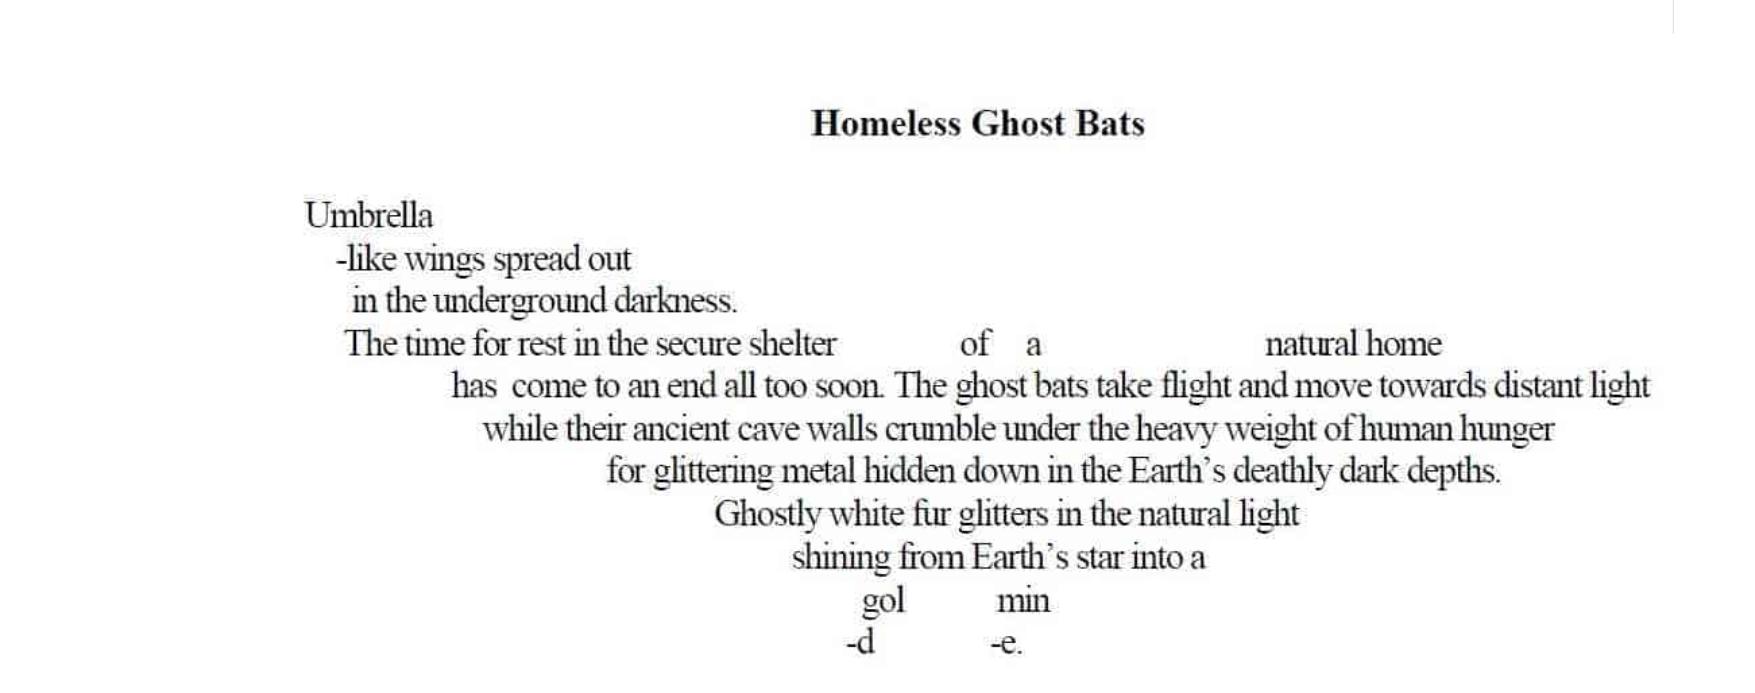 Homeless Ghost bats